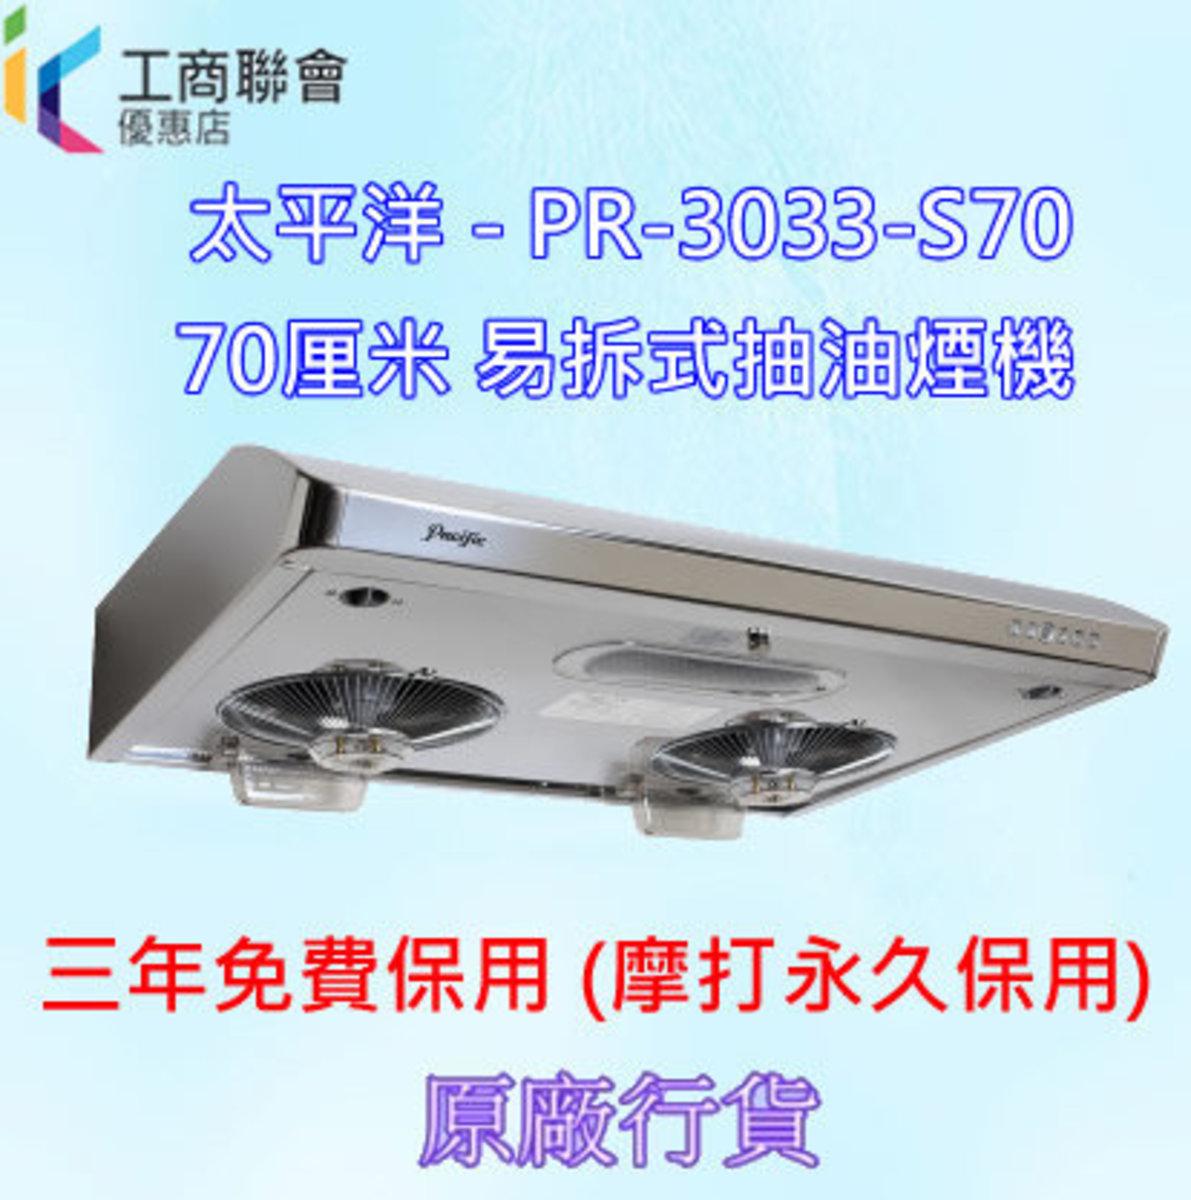 PR3033S70 70cm Easy Detachable Range Hood (Stainless Steel)